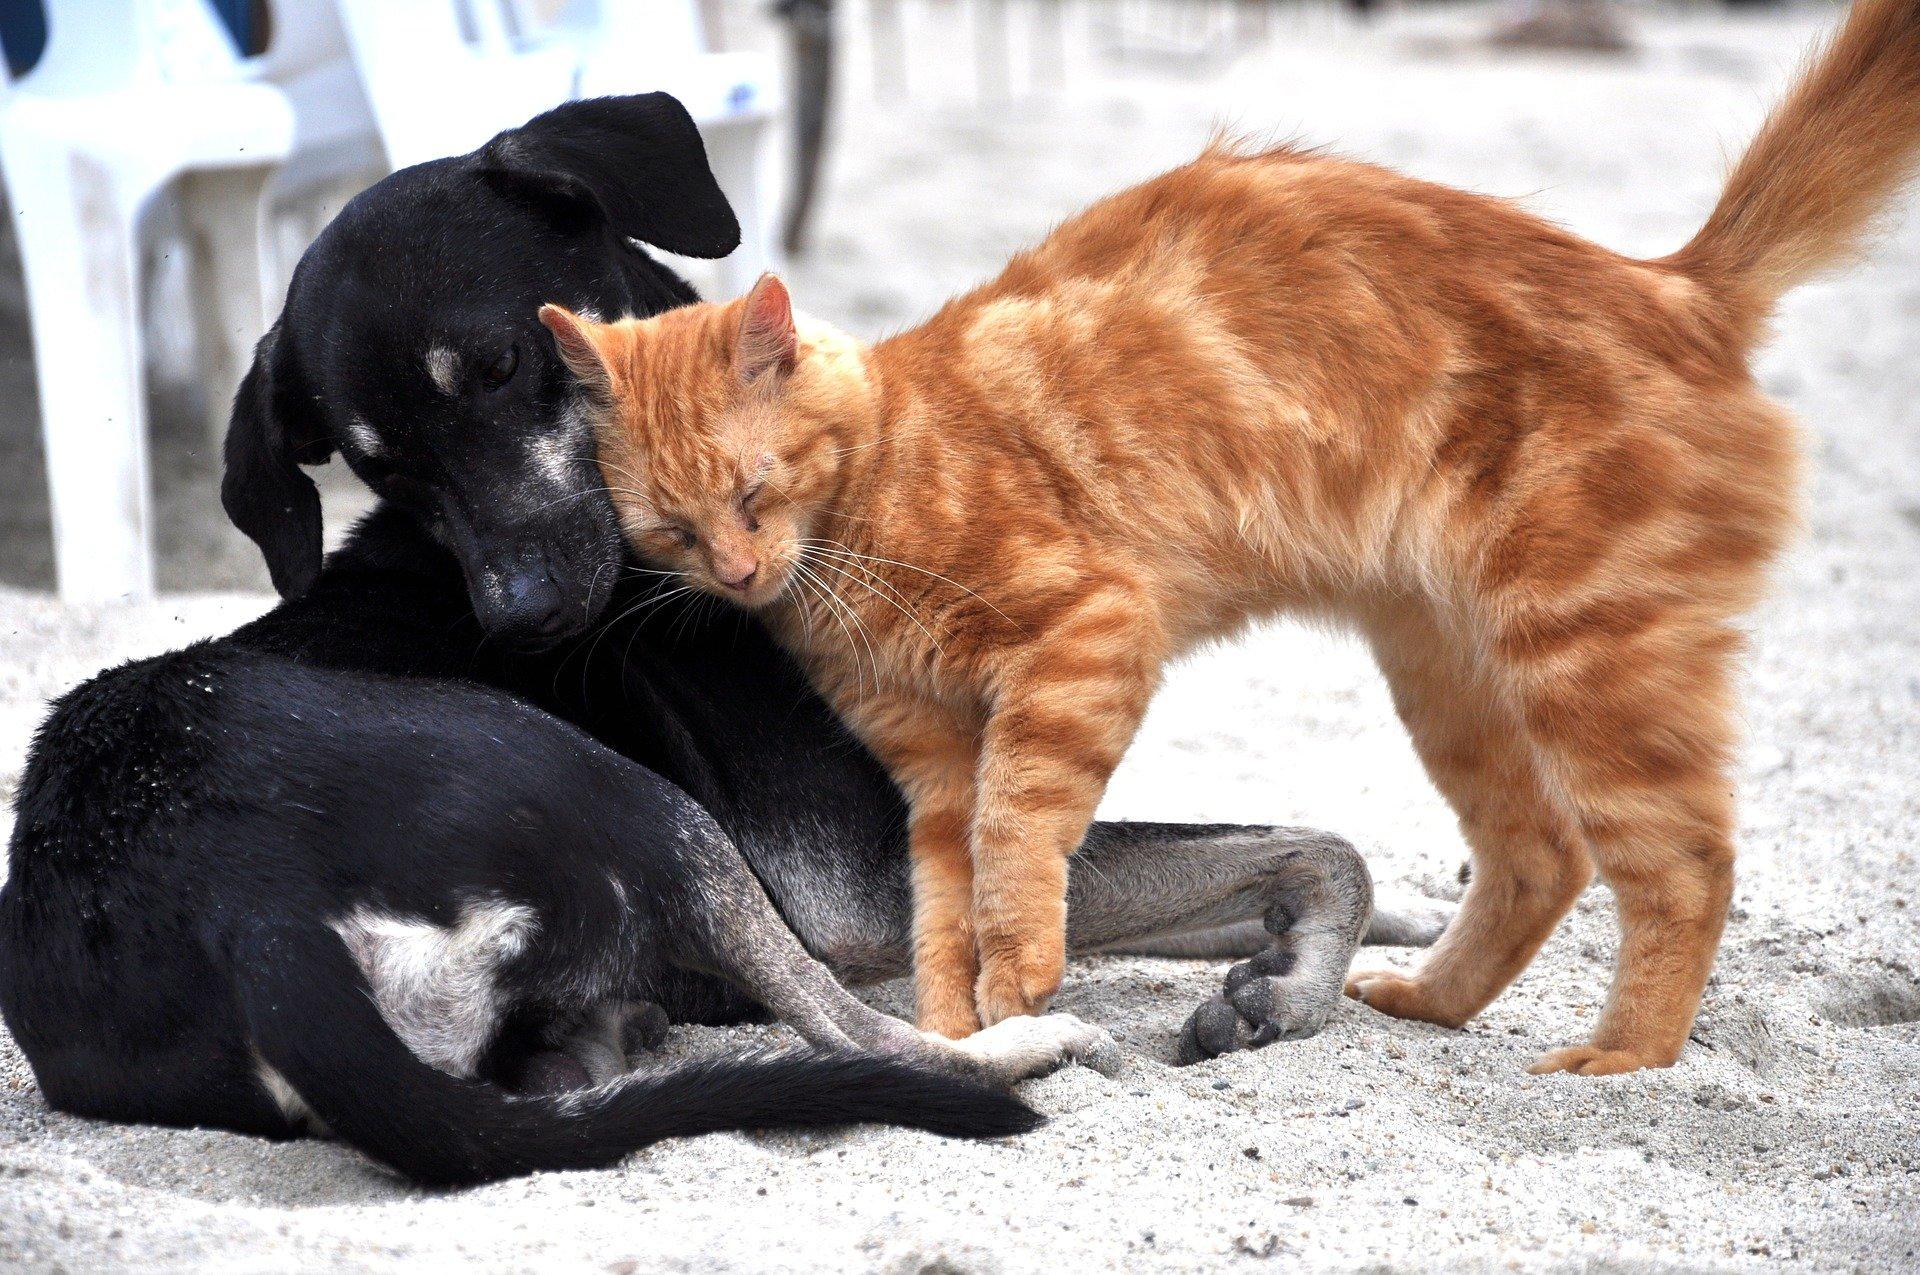 Ветеринарные врачи разъяснили различия коронавируса у человека и домашних животных